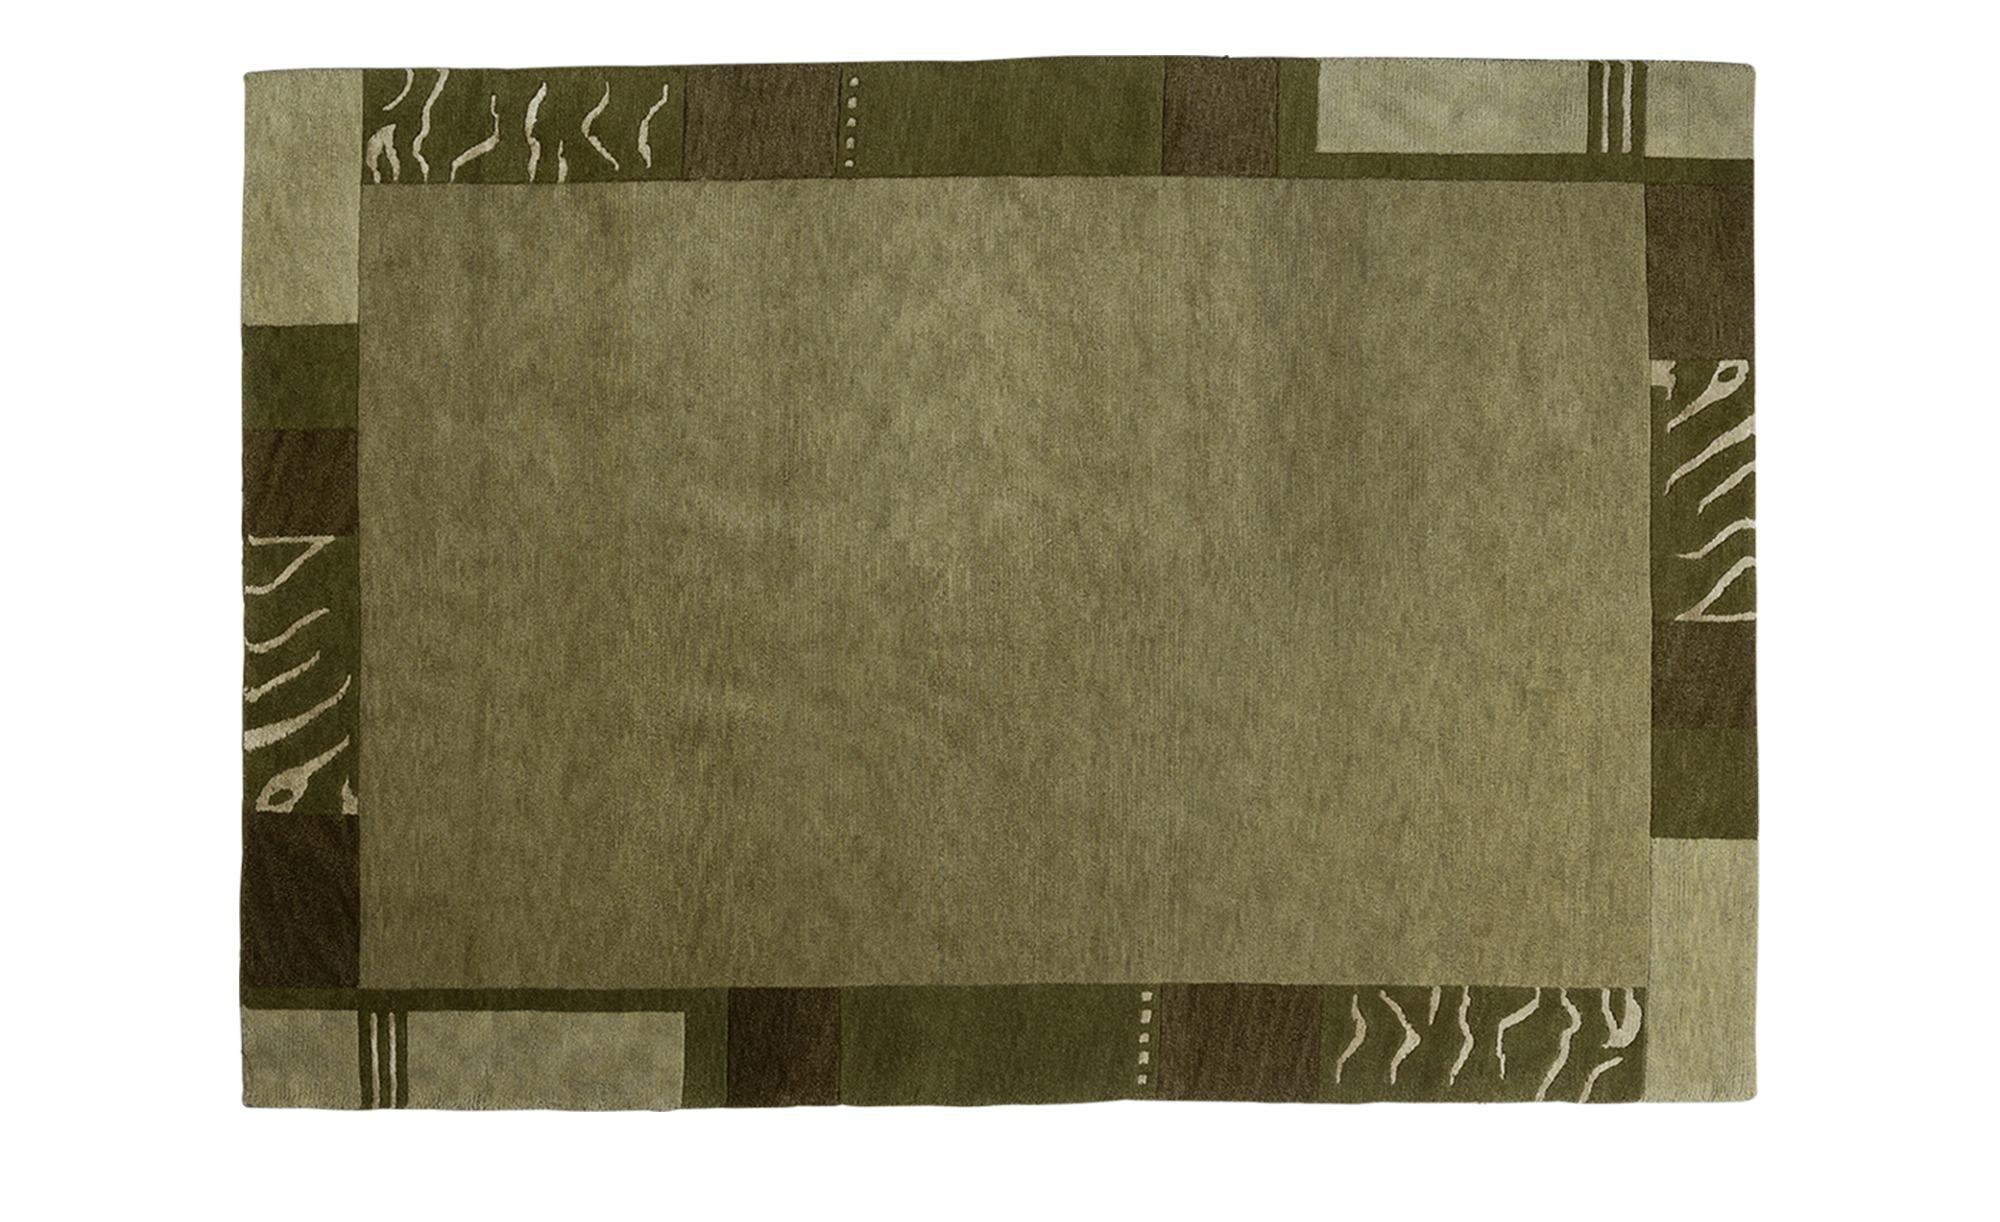 nepal teppich kanpur breite 90 cm h he gr n online kaufen bei woonio. Black Bedroom Furniture Sets. Home Design Ideas